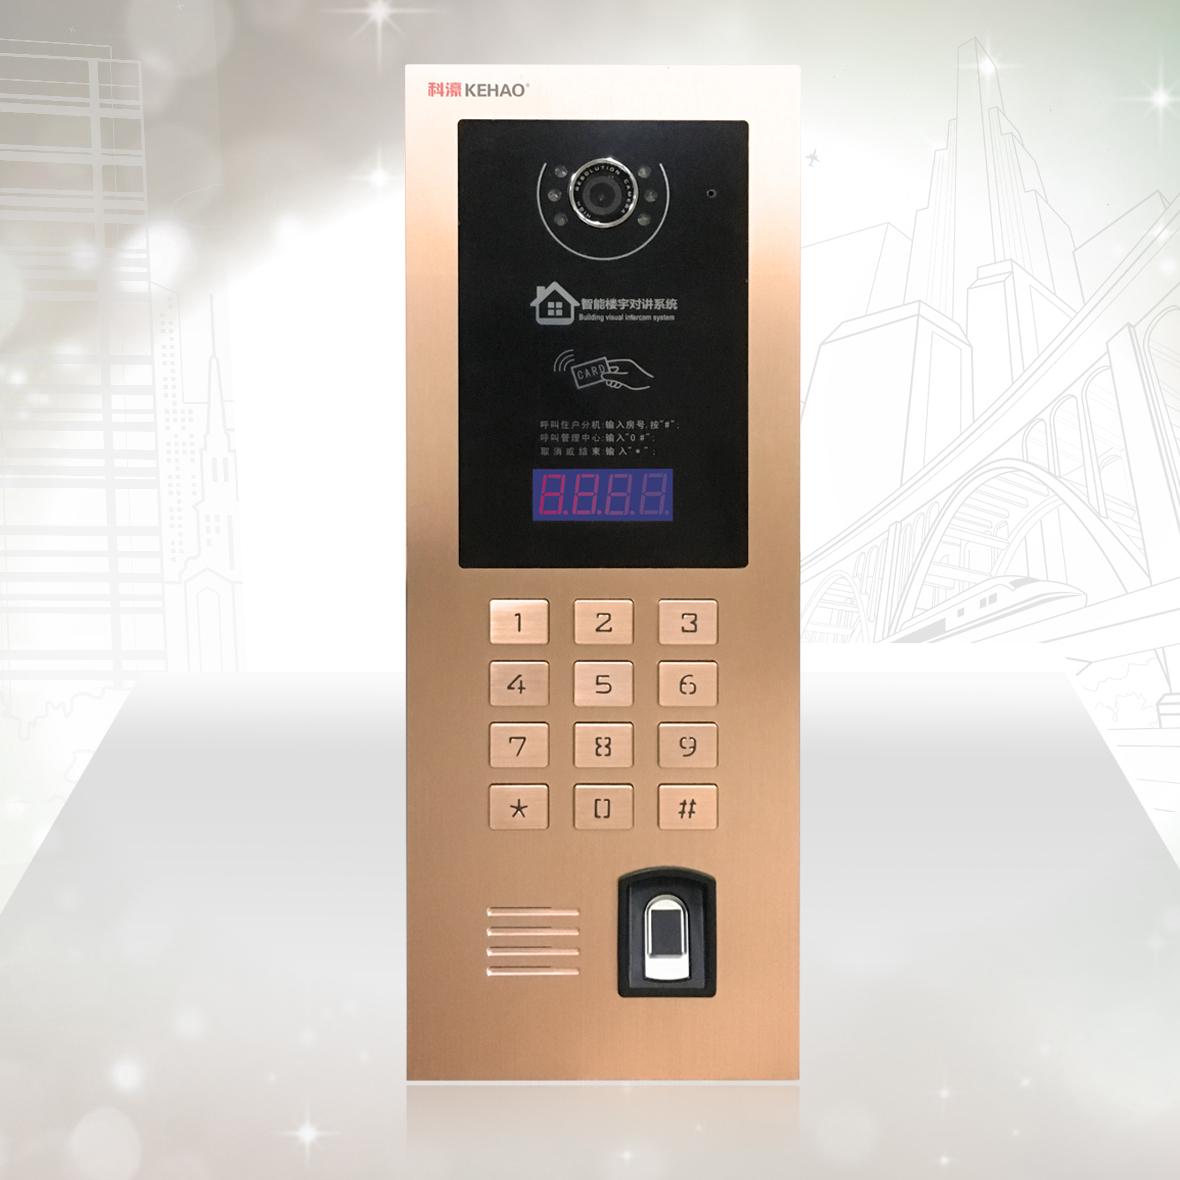 楼宇对讲十大品牌 科濠楼宇对讲系统Z22-2可视门口机